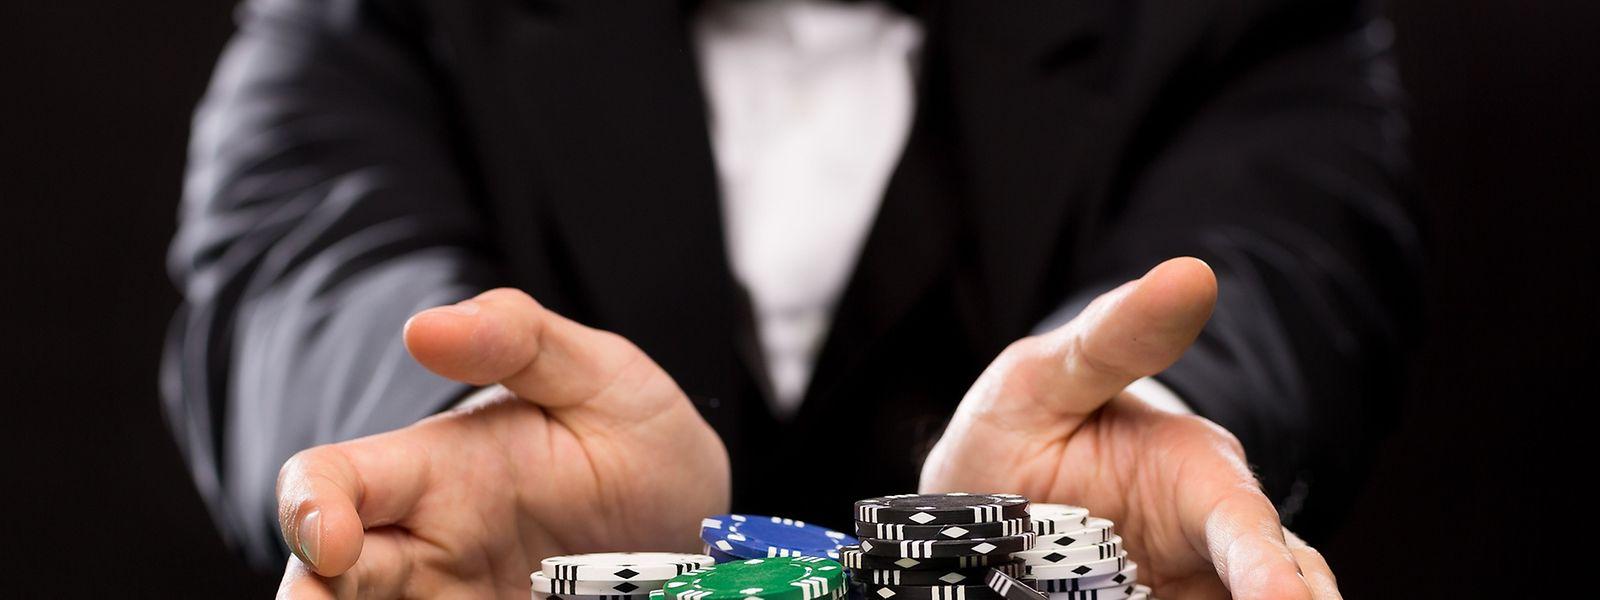 Immer höhere Vermögenswerte dienen ausschließlich der Spekulation.